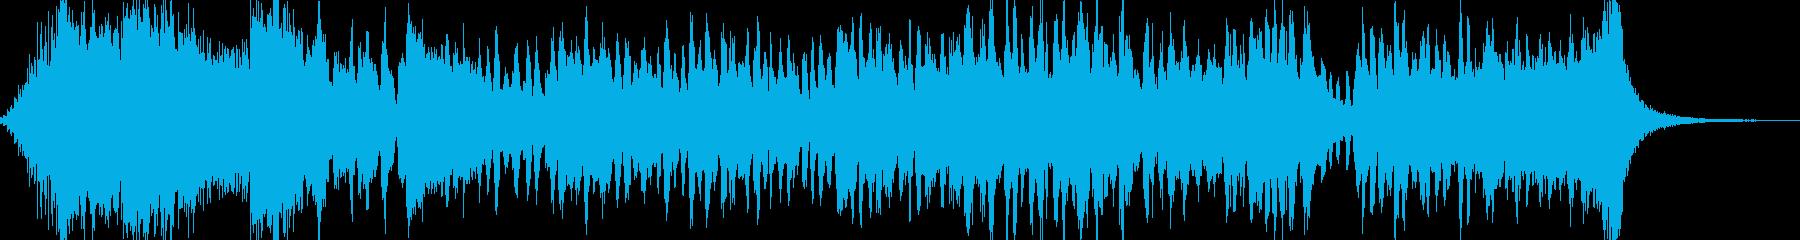 愉快なおもちゃのオーケストラマーチ風の再生済みの波形